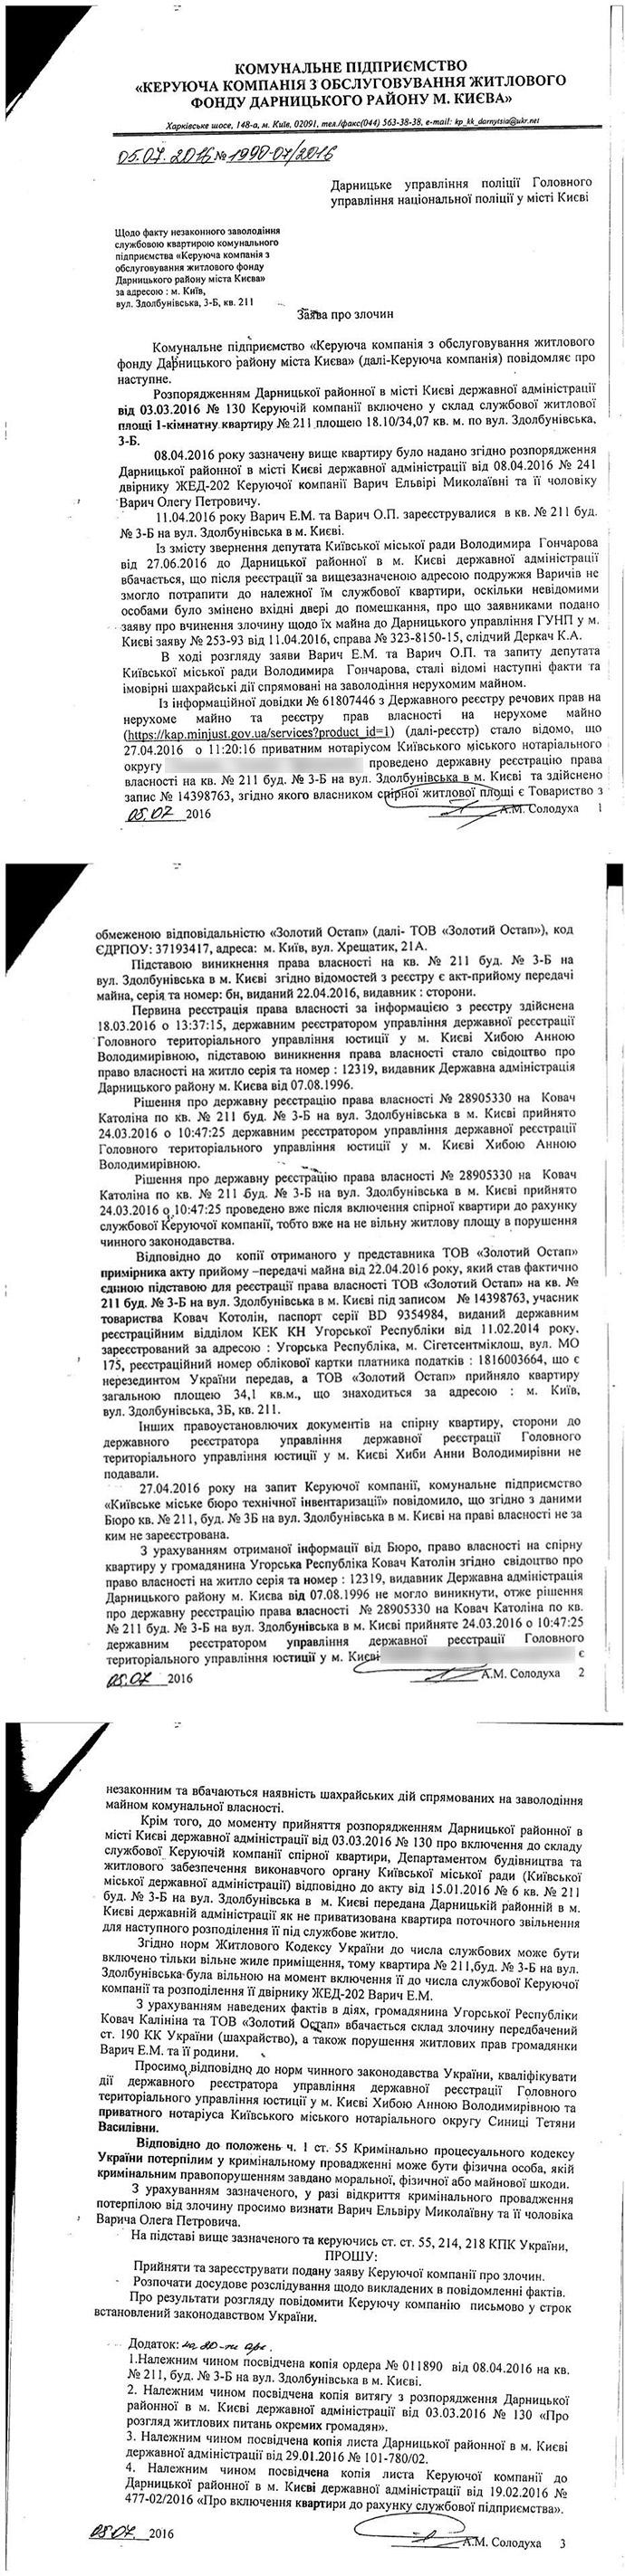 Скандал: у киевских дворников отобрали служебную квартиру